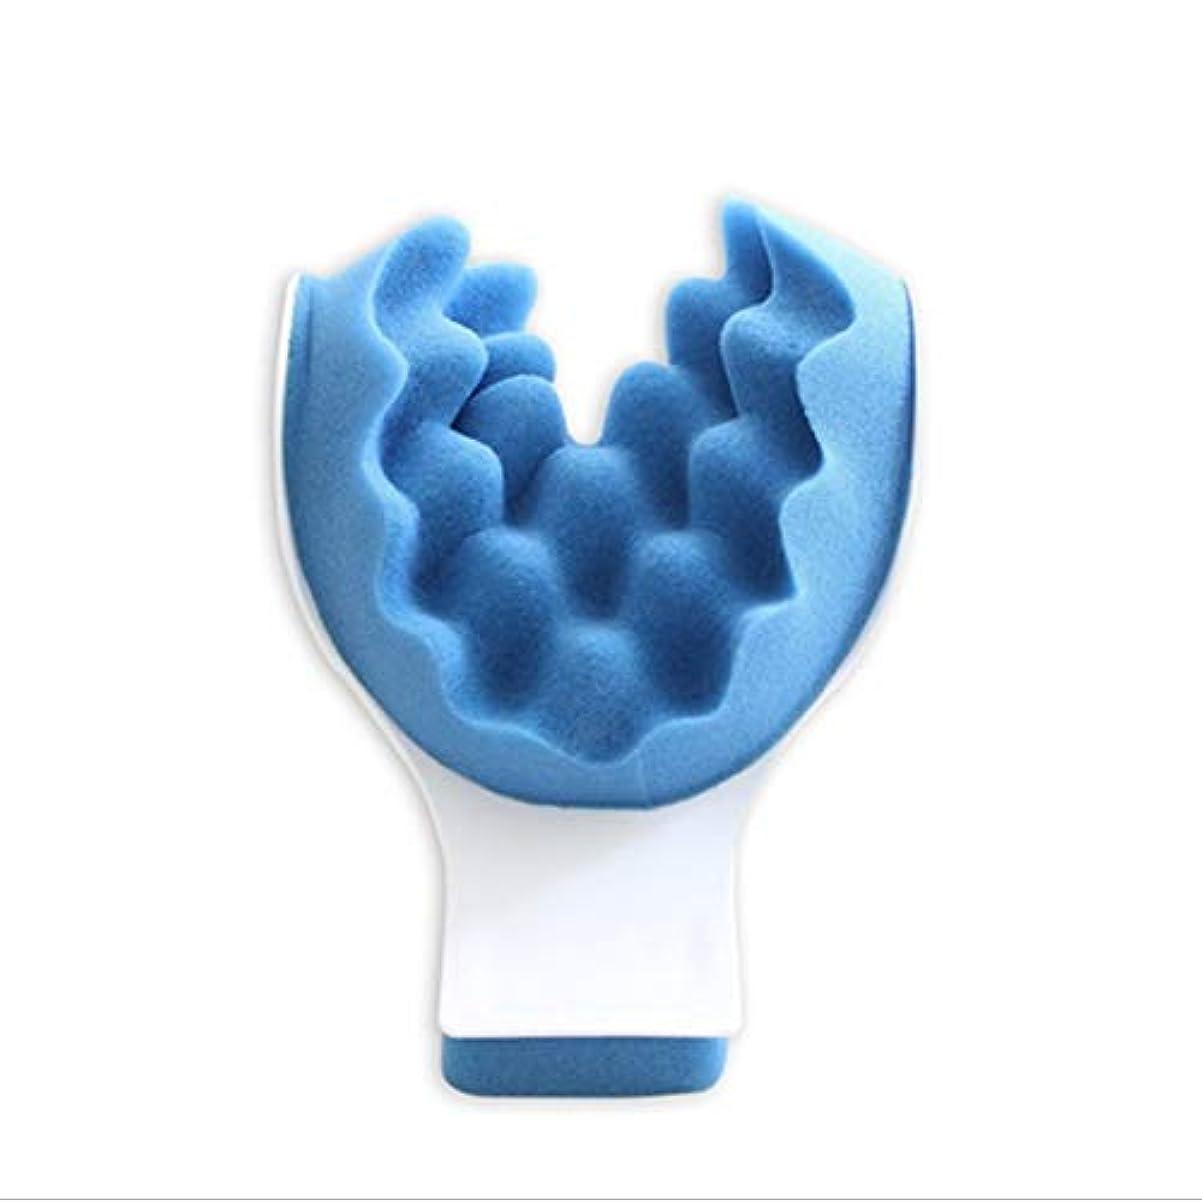 はっきりと眠いですうまくいけばマッスルテンションリリーフタイトネスと痛みの緩和セラピーティックネックサポートテンションリリーフネック&ショルダーリラクサー - ブルー